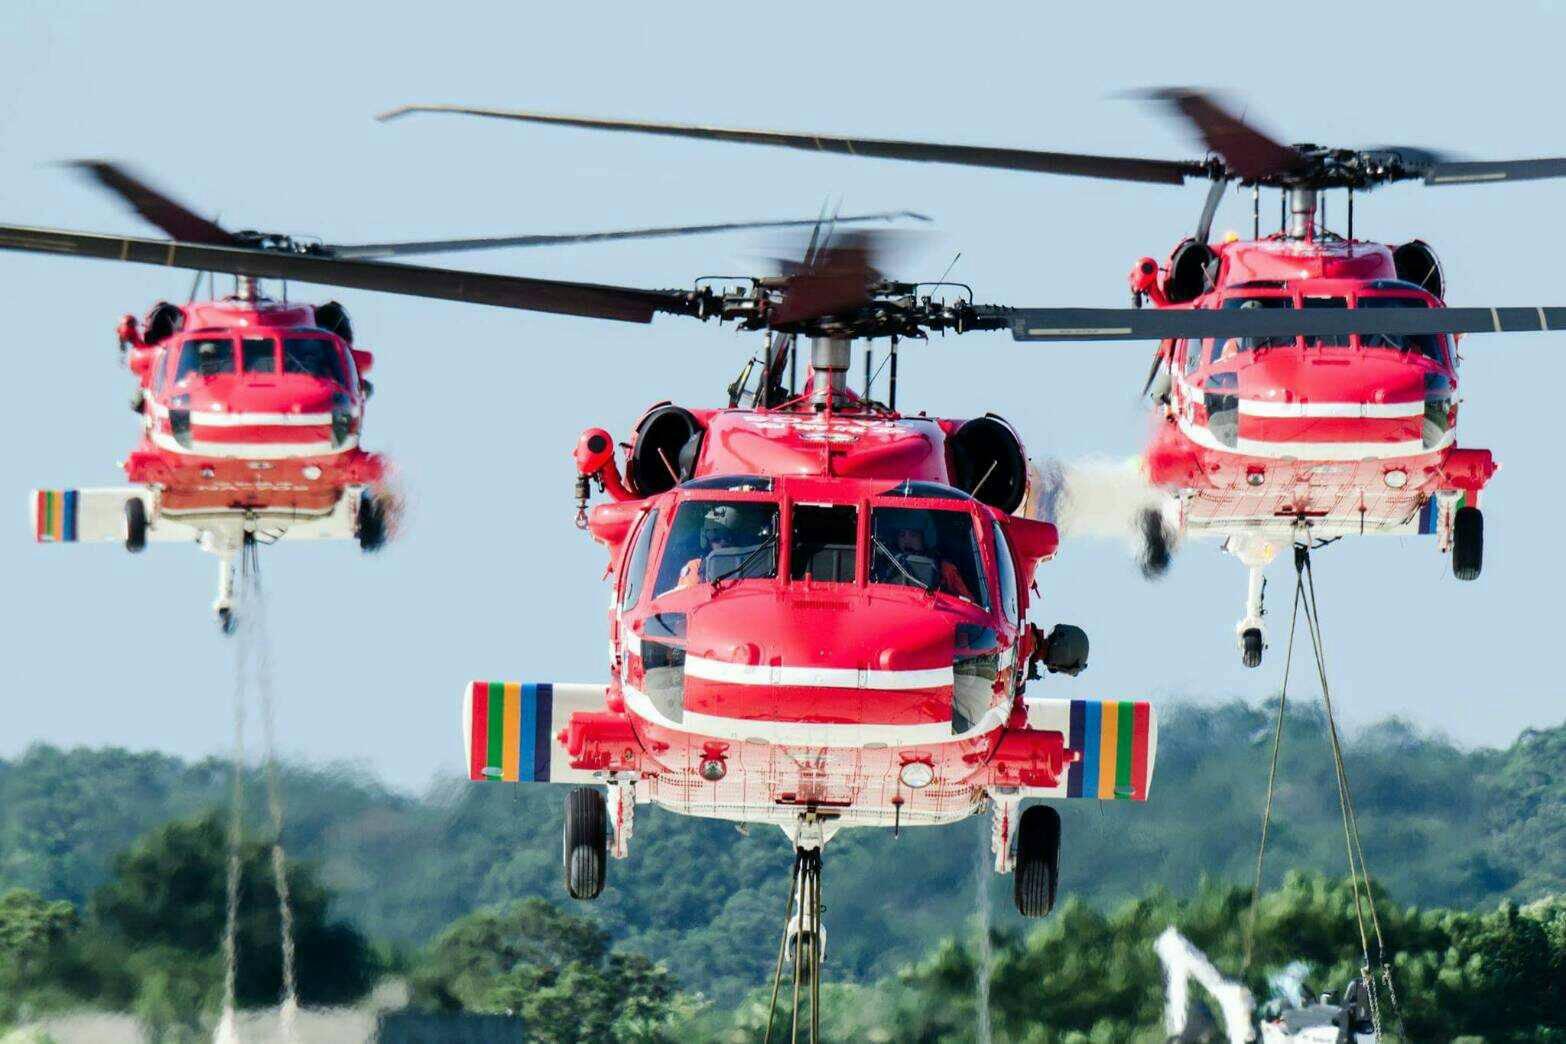 雙十國慶日當天,內政部空中勤務總隊與國防部直升機實施空中分列式通過總統府,展現國家空中救援能量.jpg